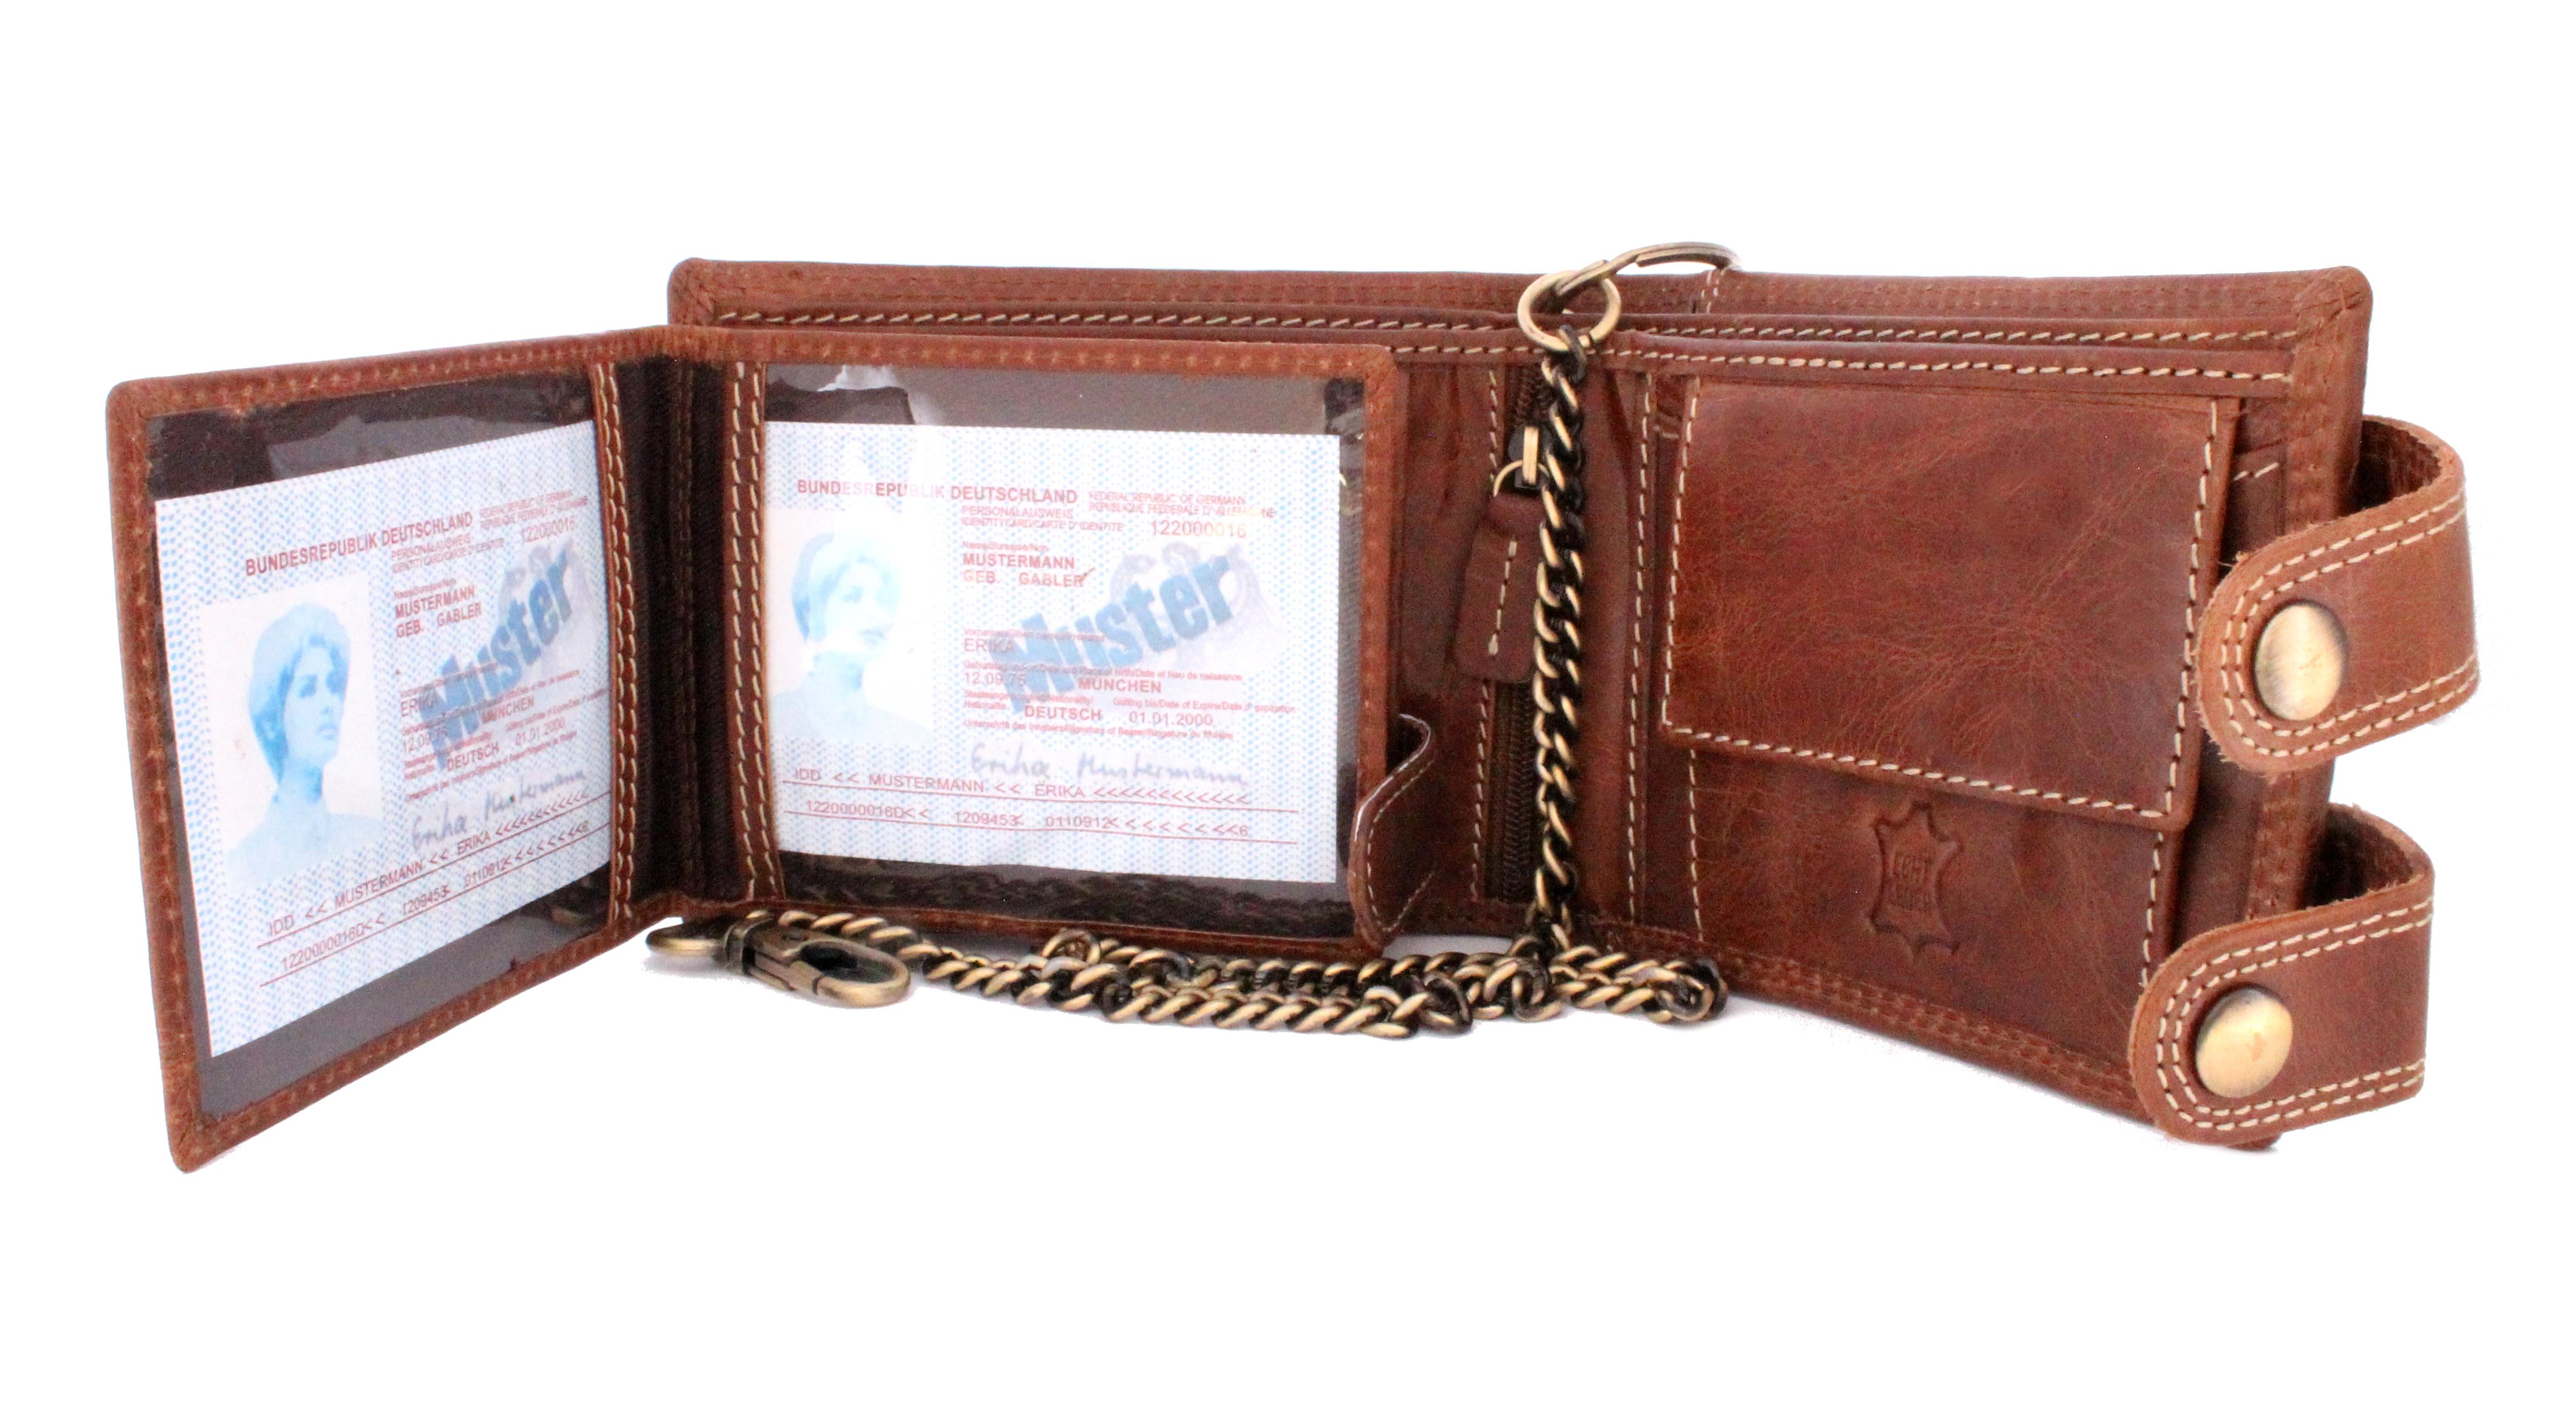 Herren Voll Leder Geldbörse mit RFID und NFC Schutz im Querformat mit Sicherheitskette